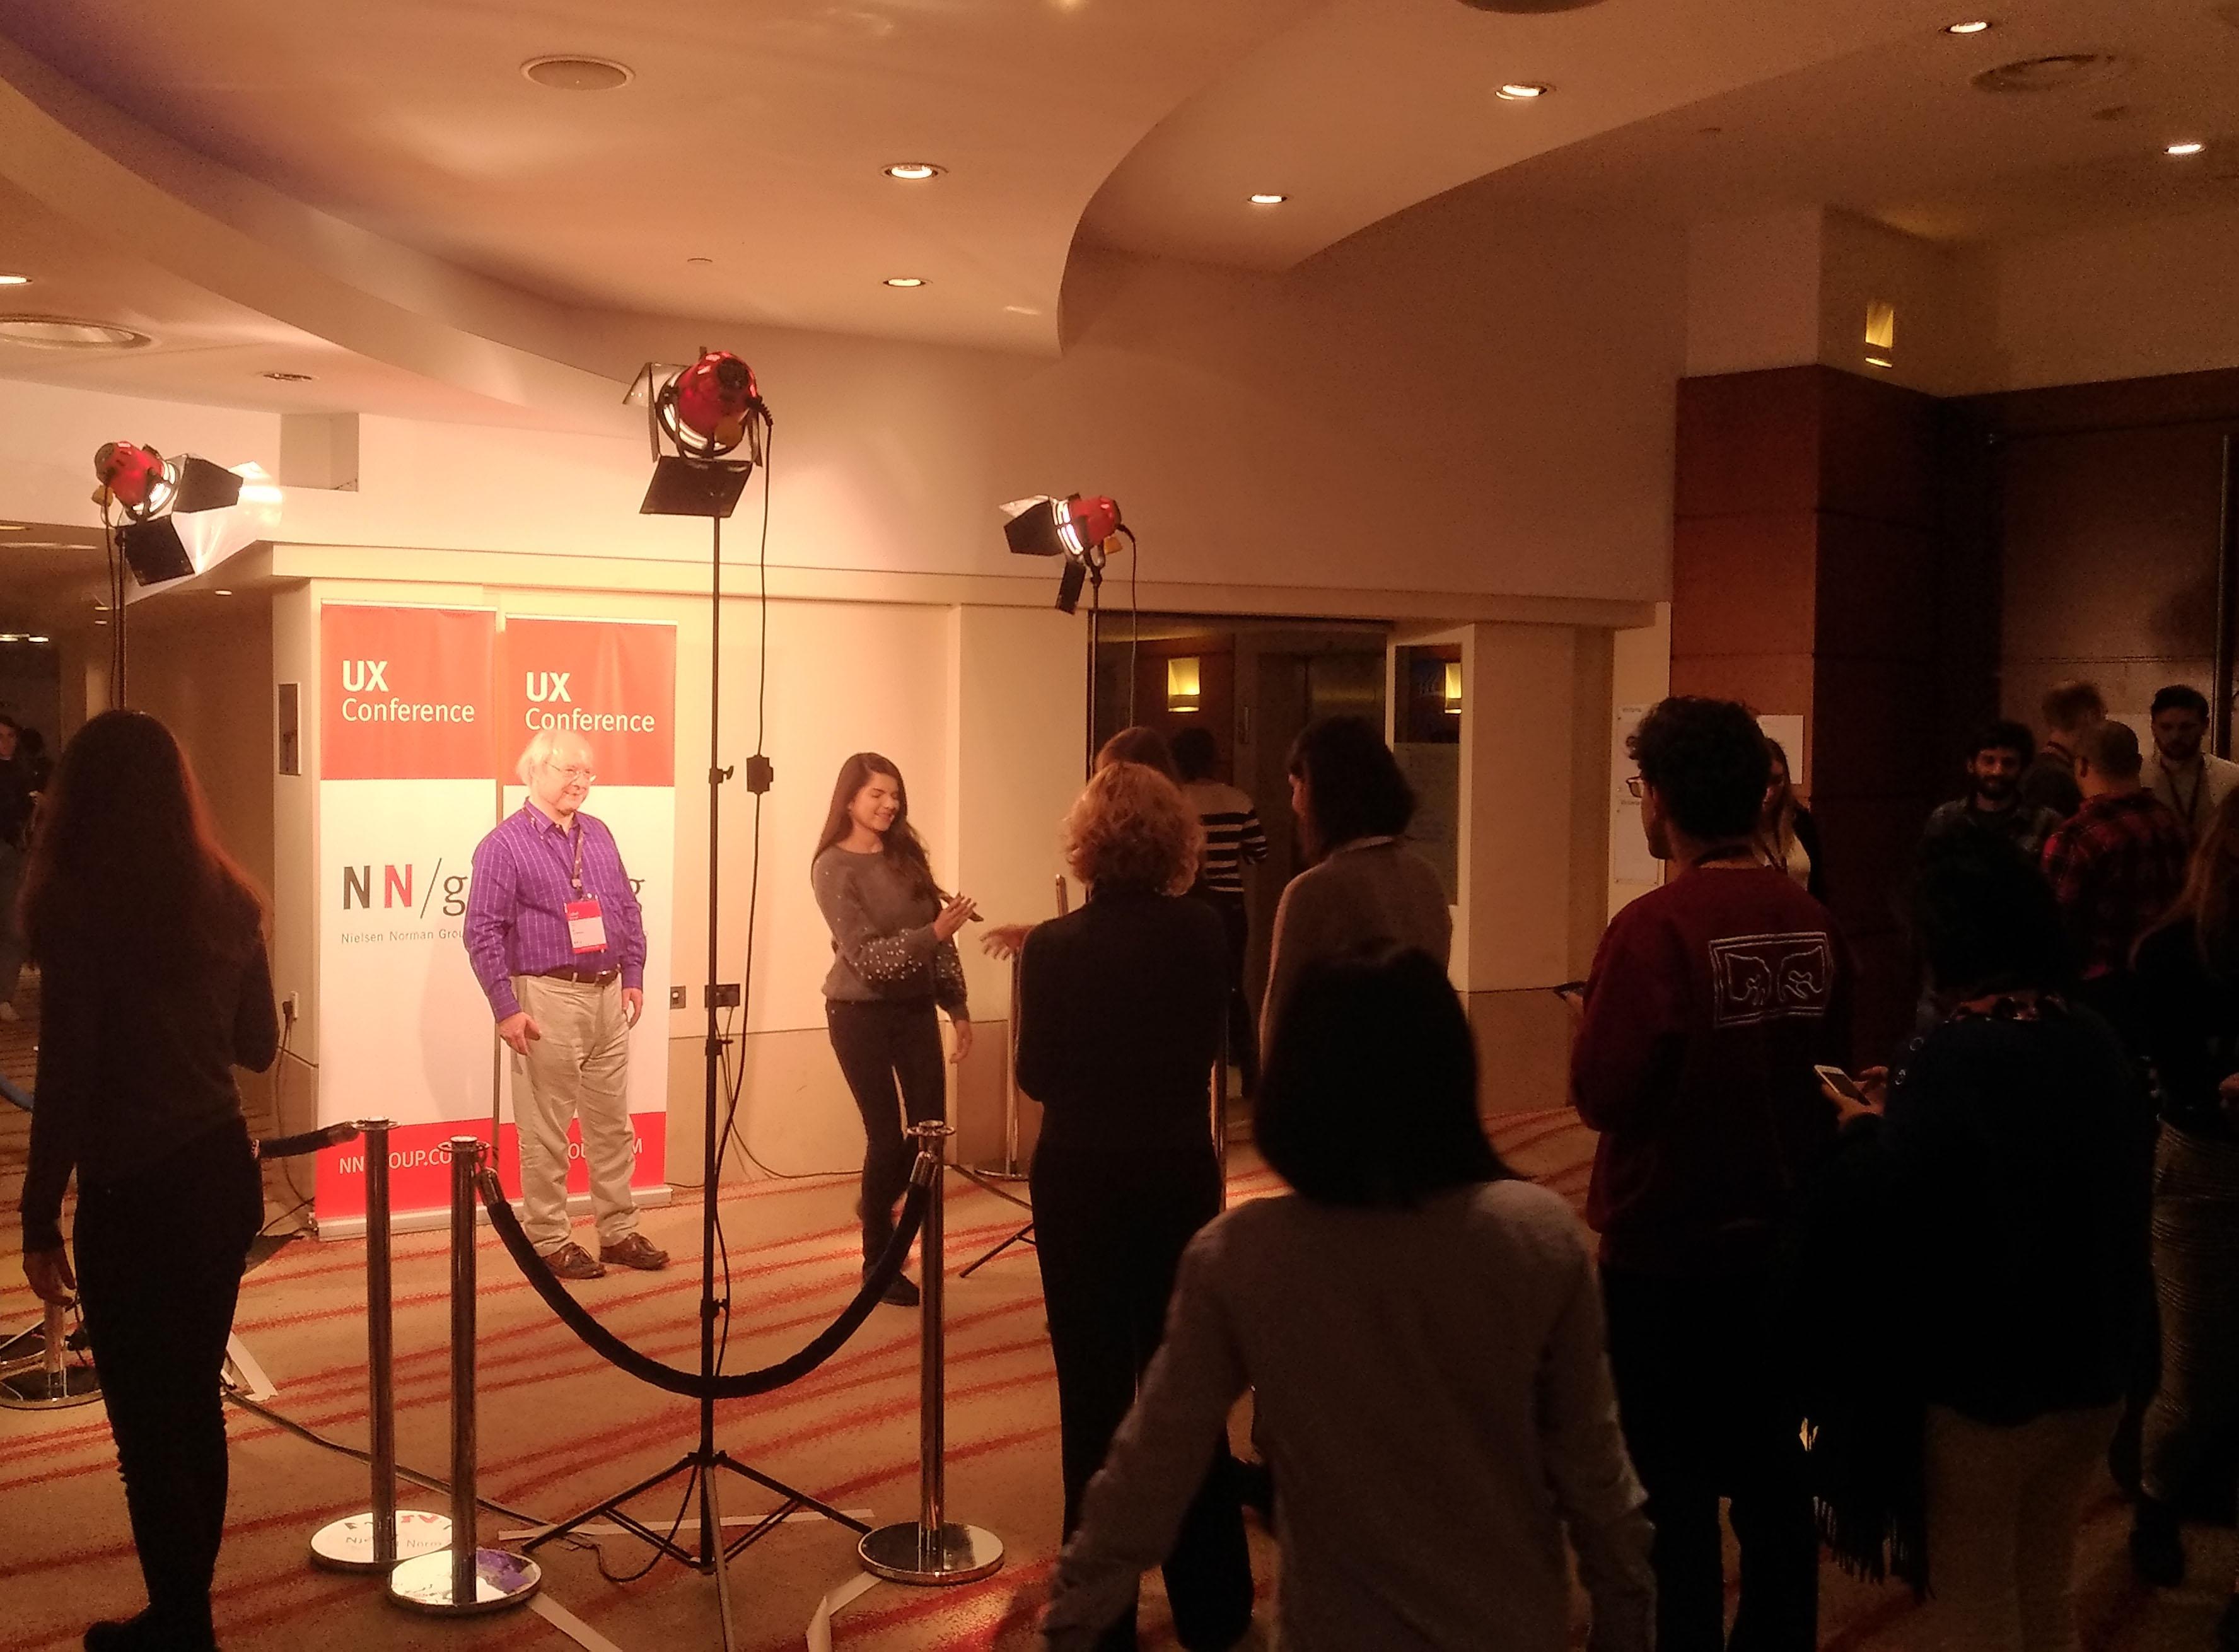 Jak w Hollywood – każdy chciał mieć zdjęcie z ikoną UX, Jacobem Nielsenem